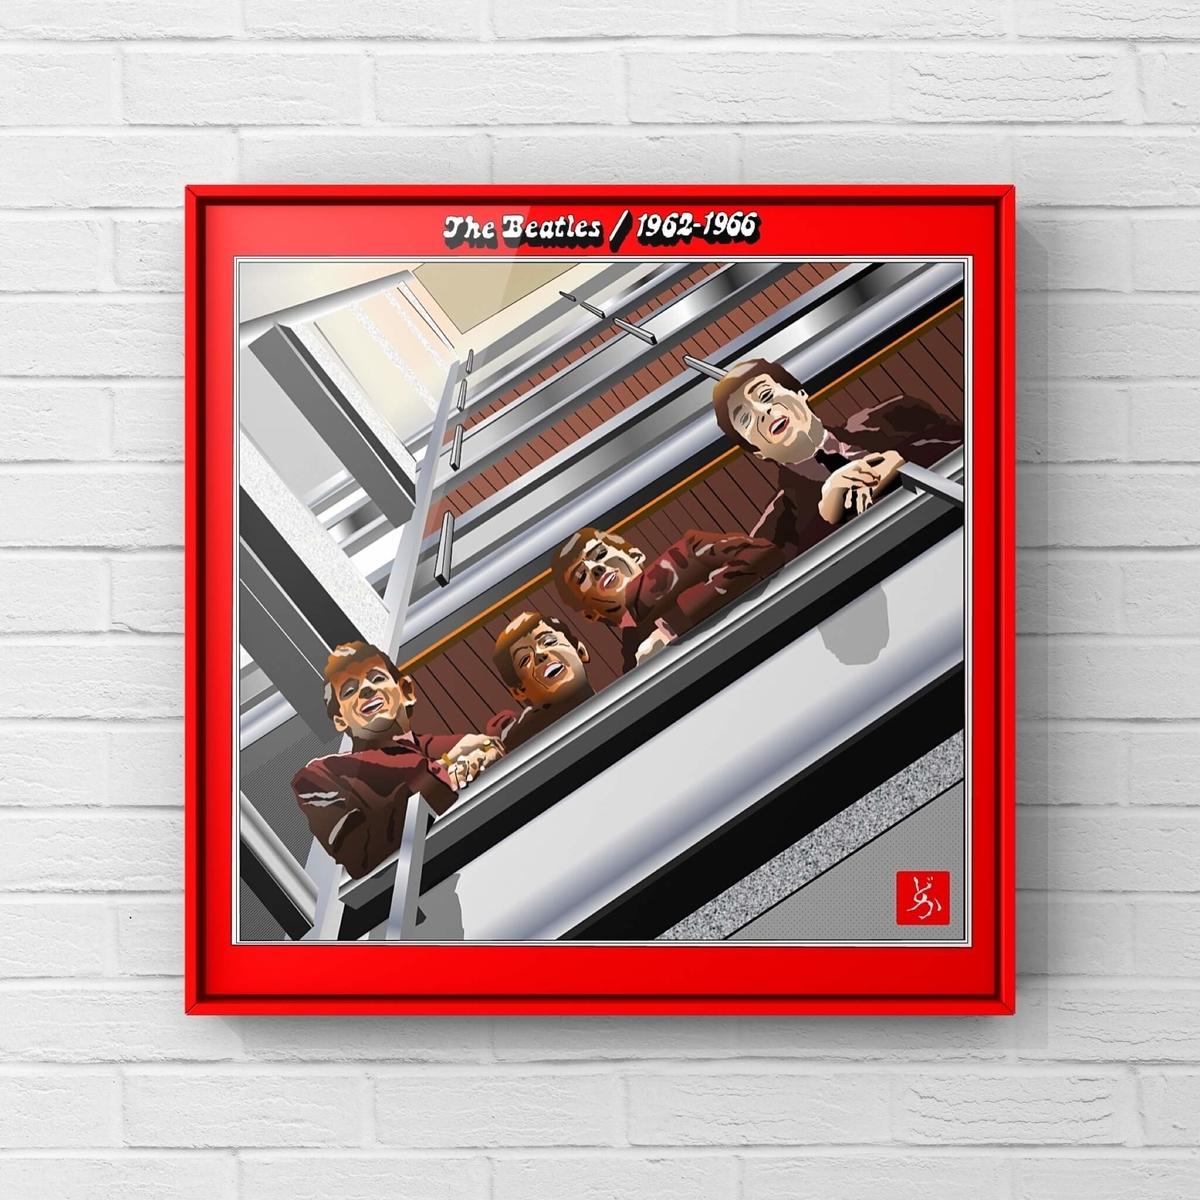 ビートルズの前期ベスト盤「1962-1966」のエクセル画イラスト額装版